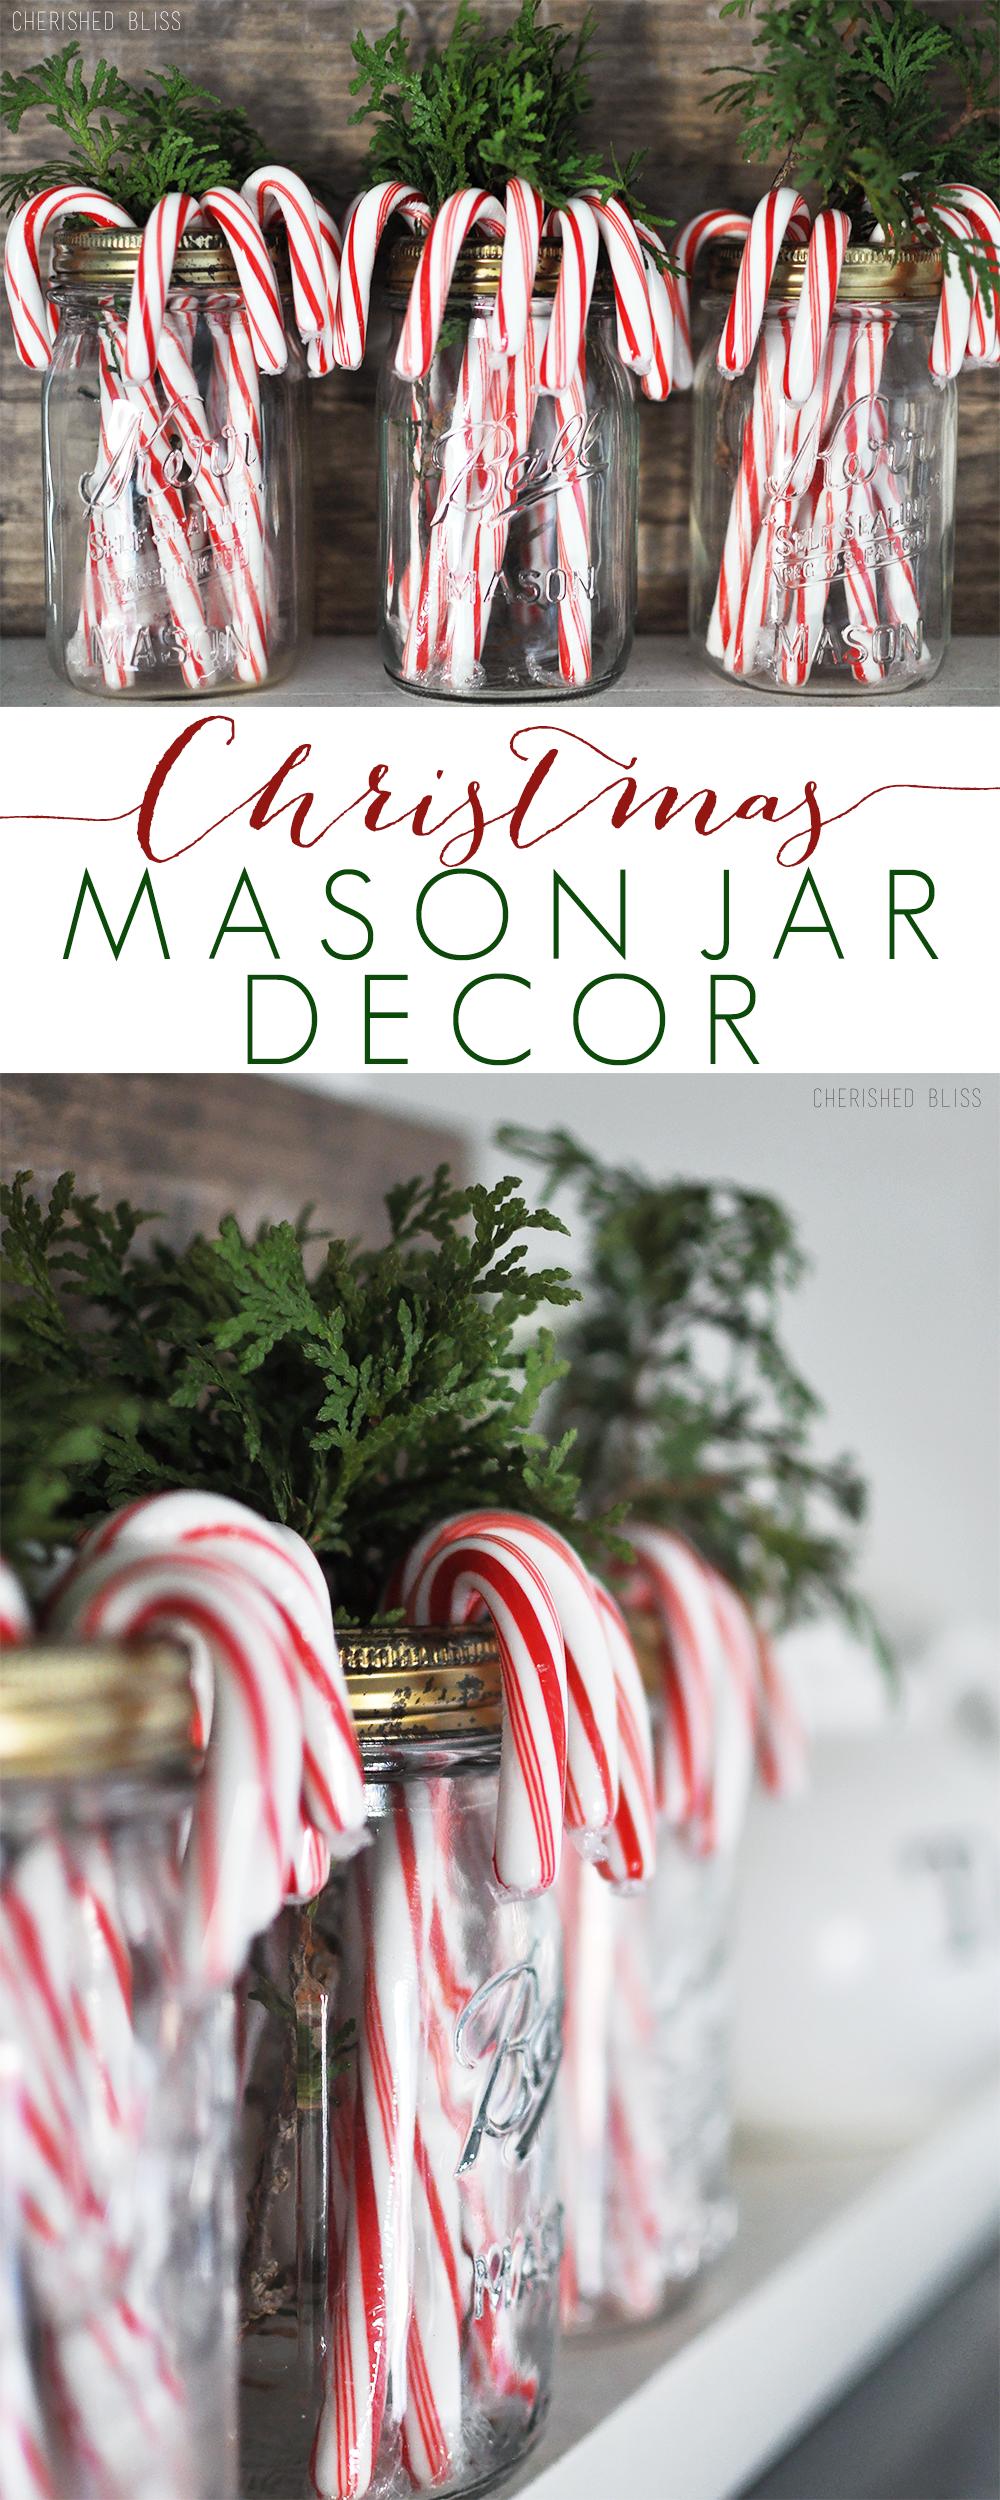 简单而美丽。圣诞节梅森罐装饰是一种轻松的方式,为您的家带来一点假期欢乐!